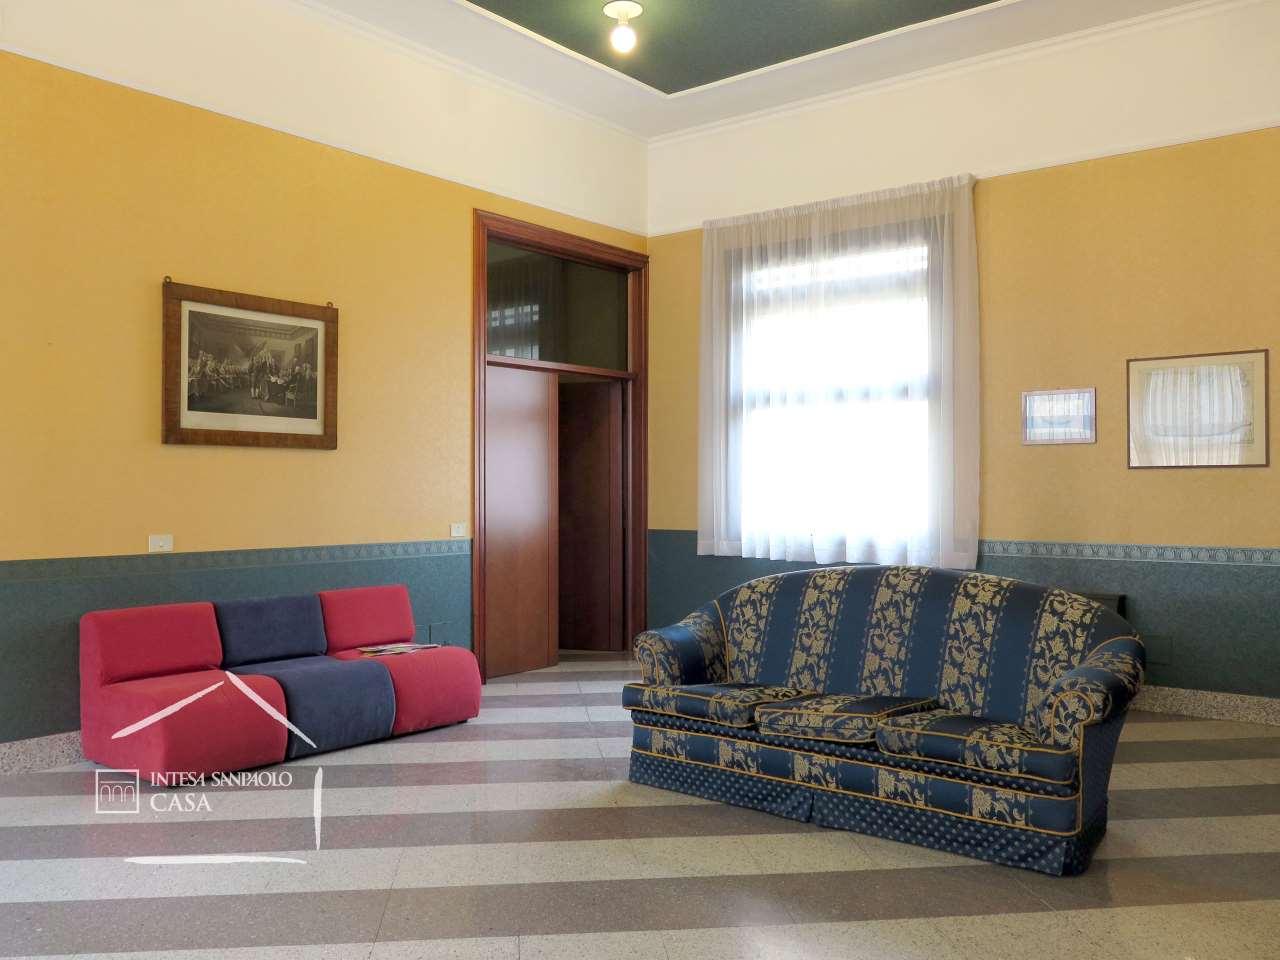 Appartamento in Vendita a Brescia: 5 locali, 290 mq - Foto 3